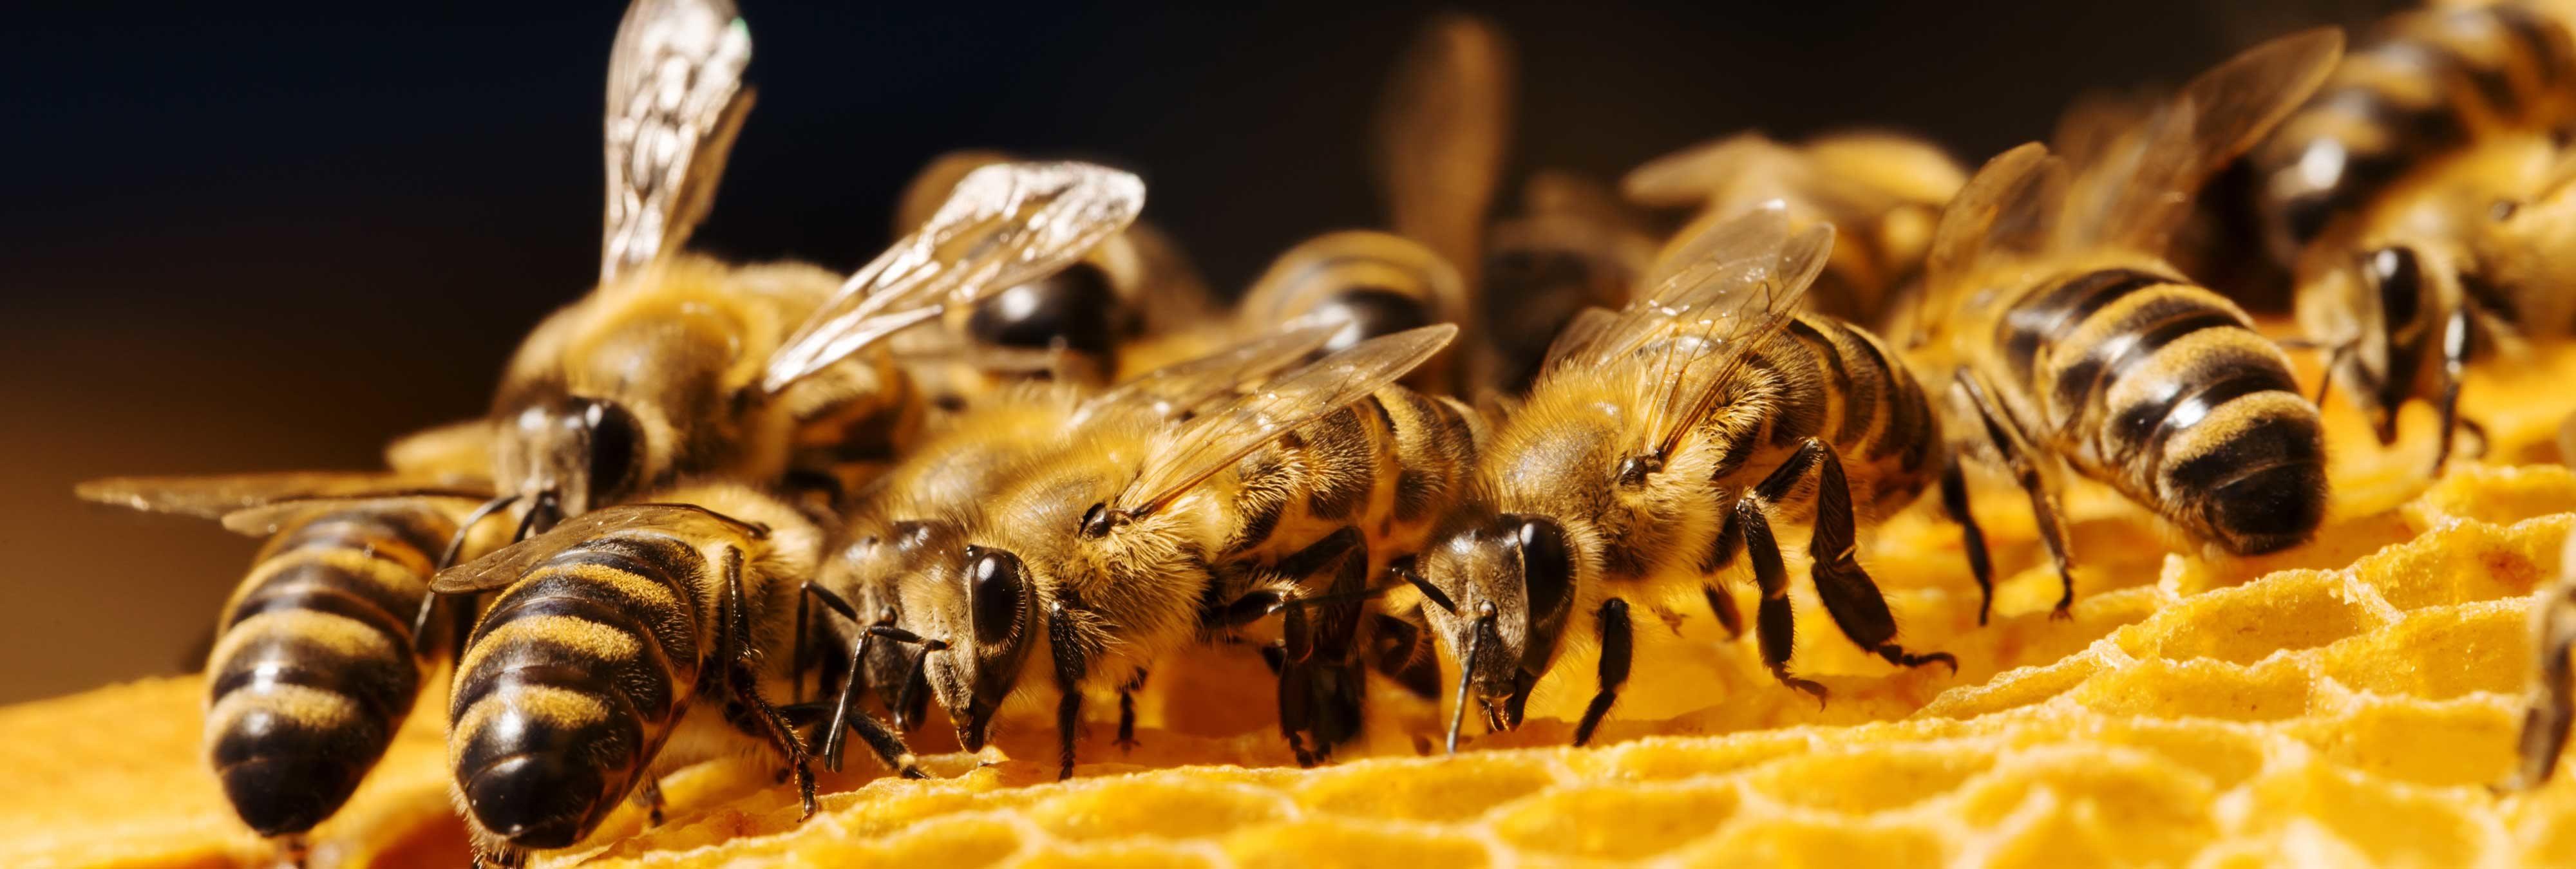 Acude al médico con el ojo dolorido y le encuentran cuatro abejas vivas dentro